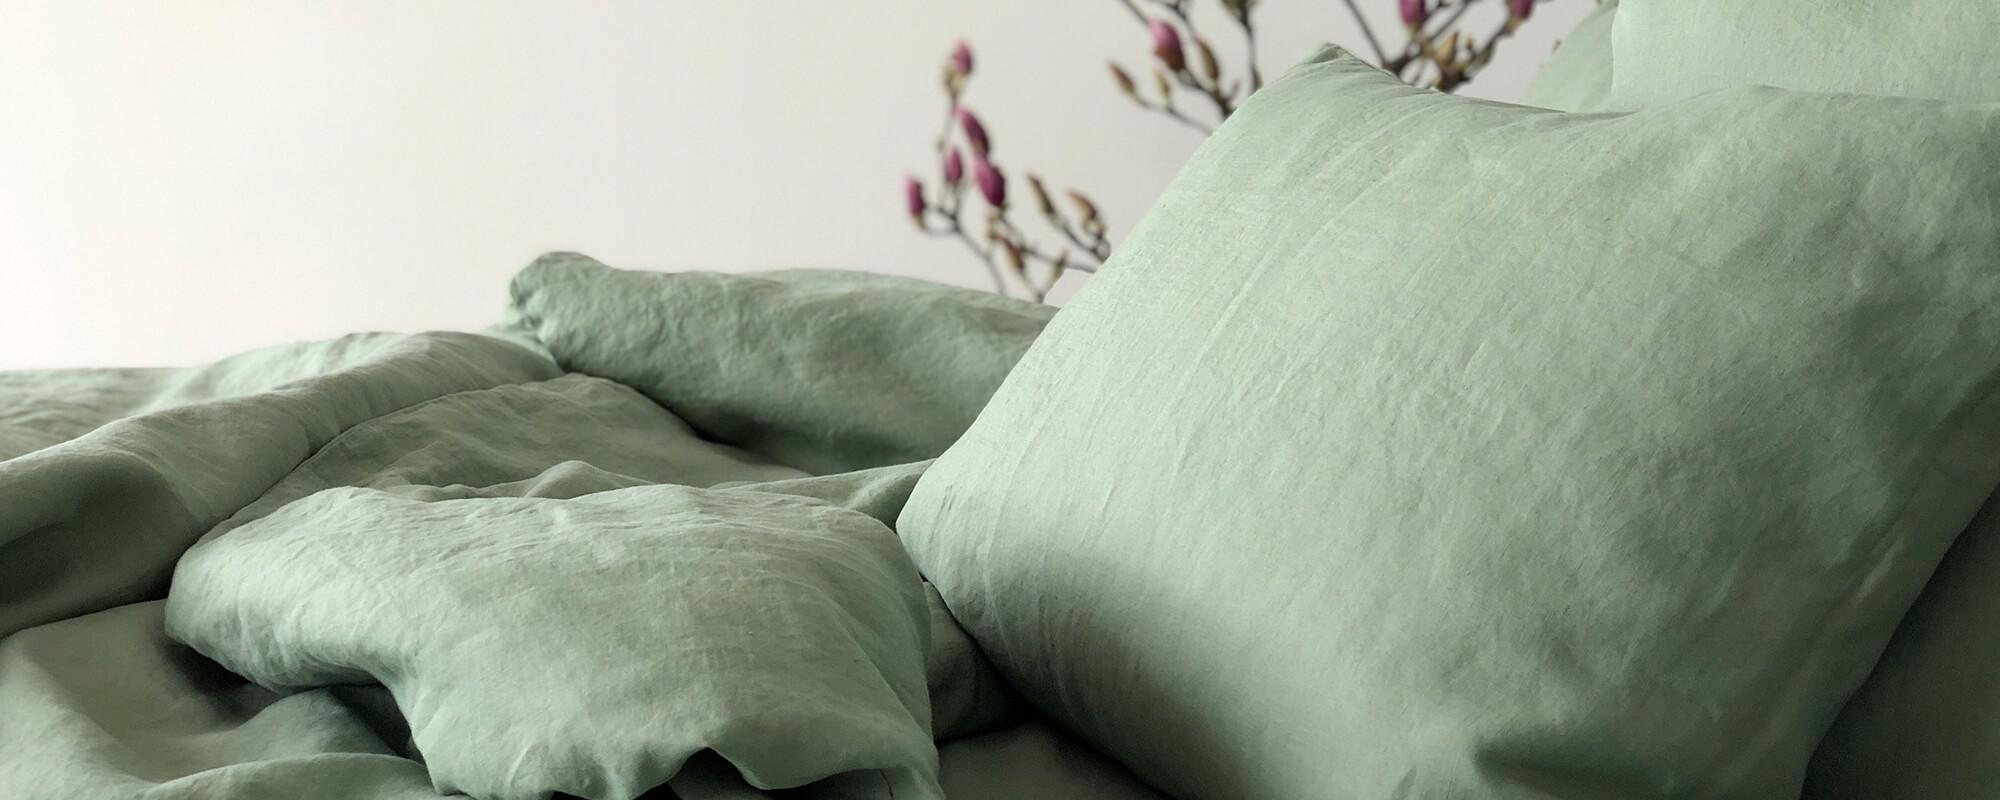 Leinen-Bettwäsche grün